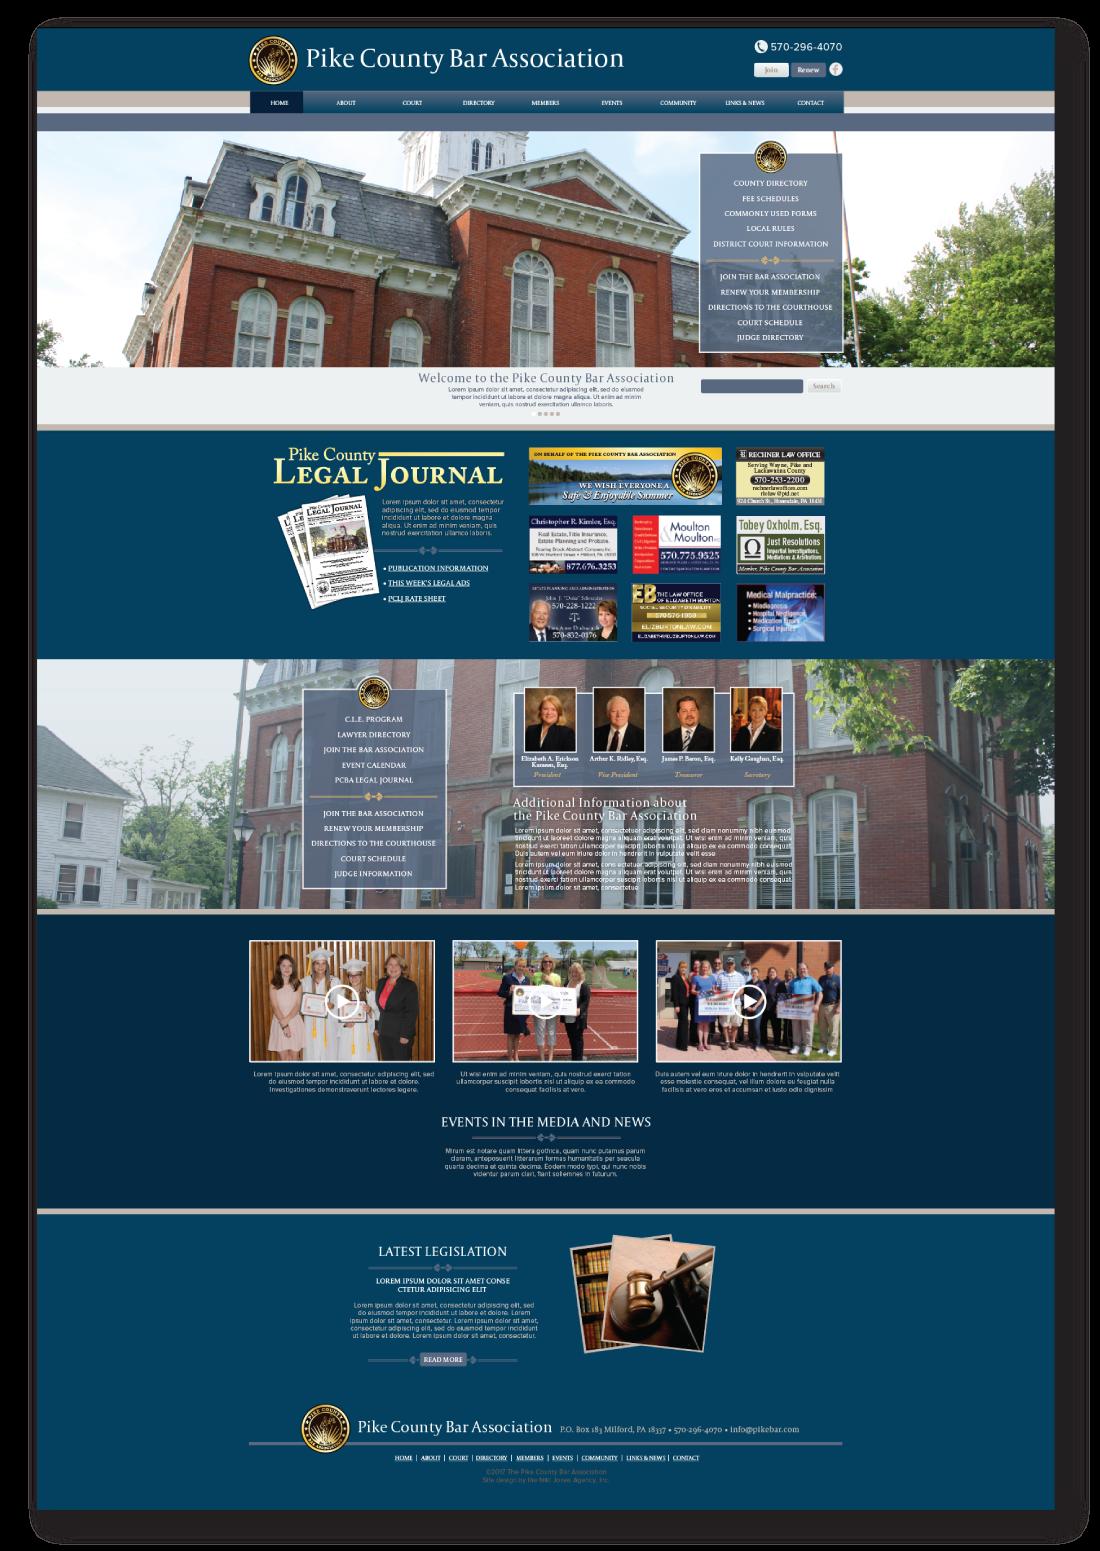 Pike county bar association website